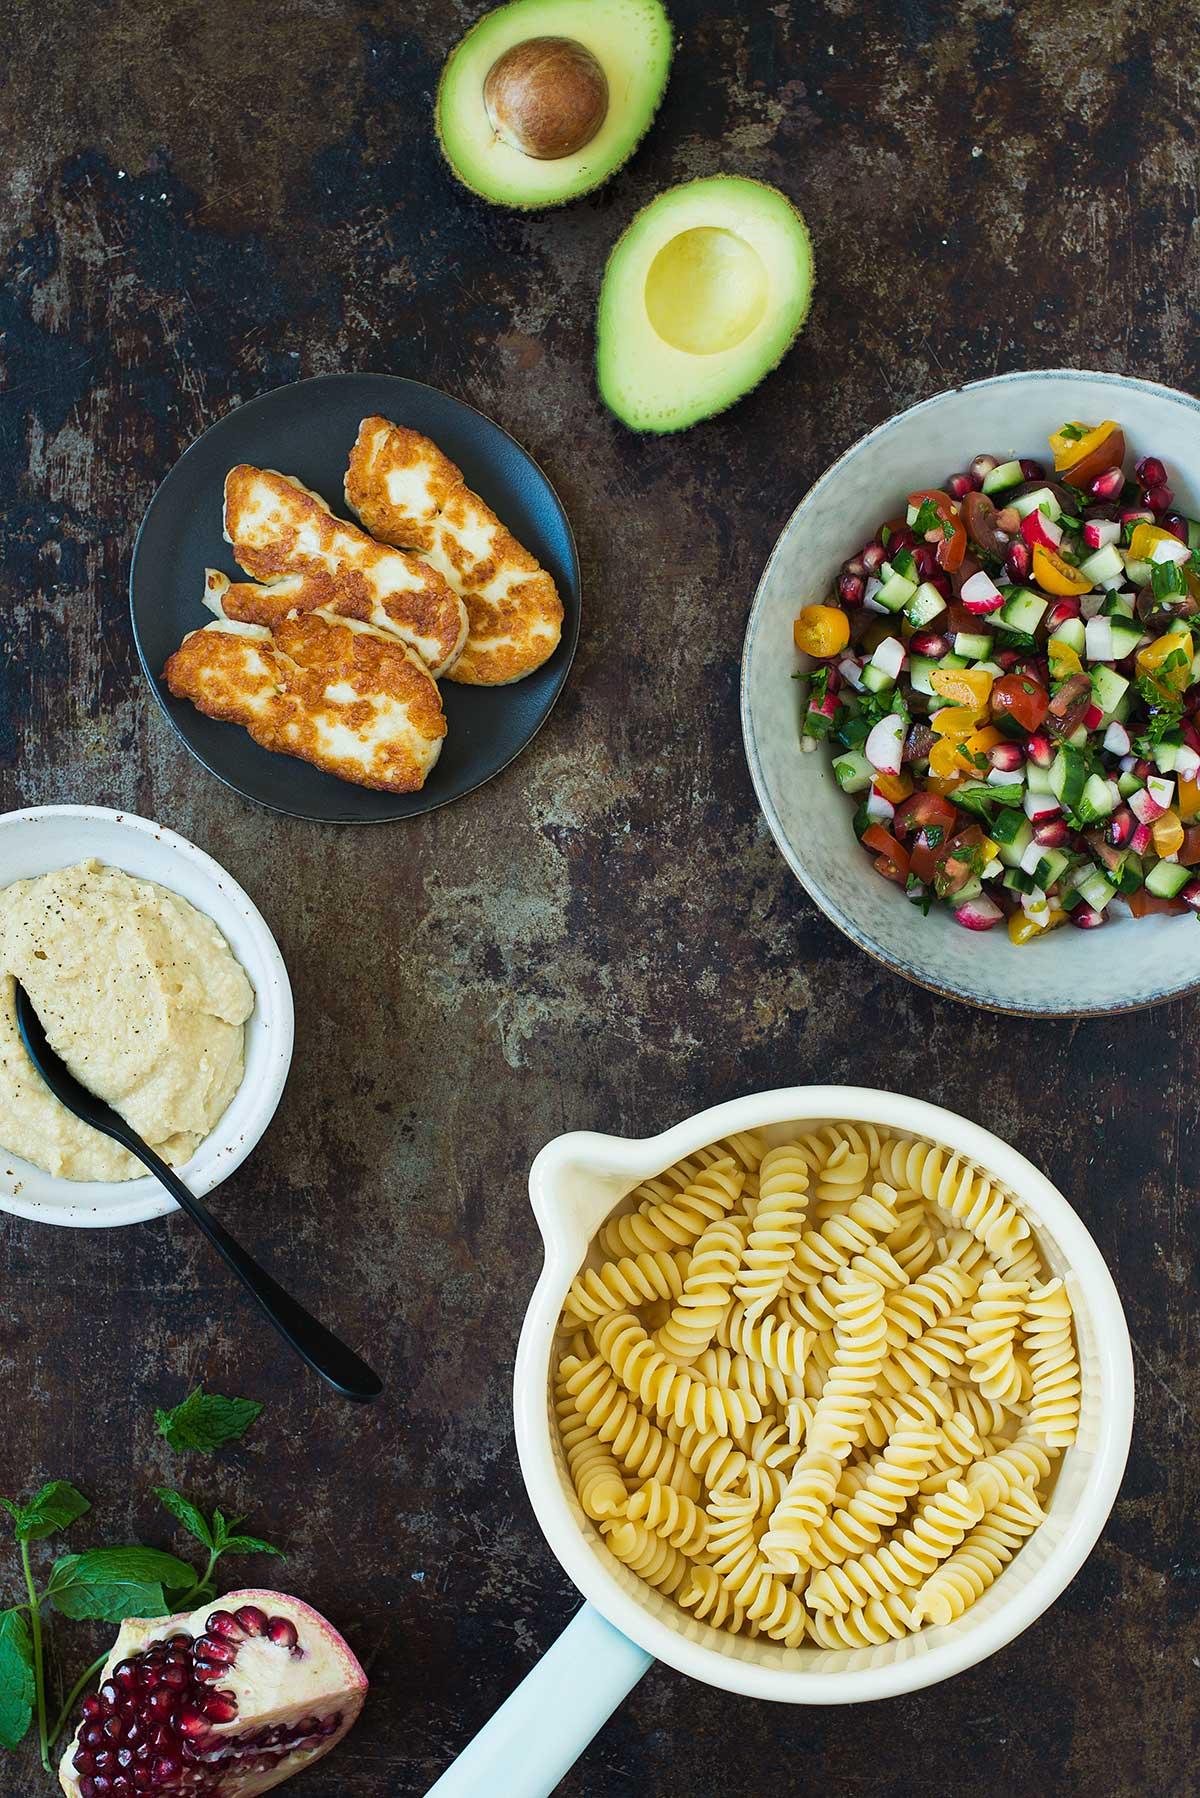 Opskrift: Pastasalat med halloumiost og hummus | Frk. Kræsen